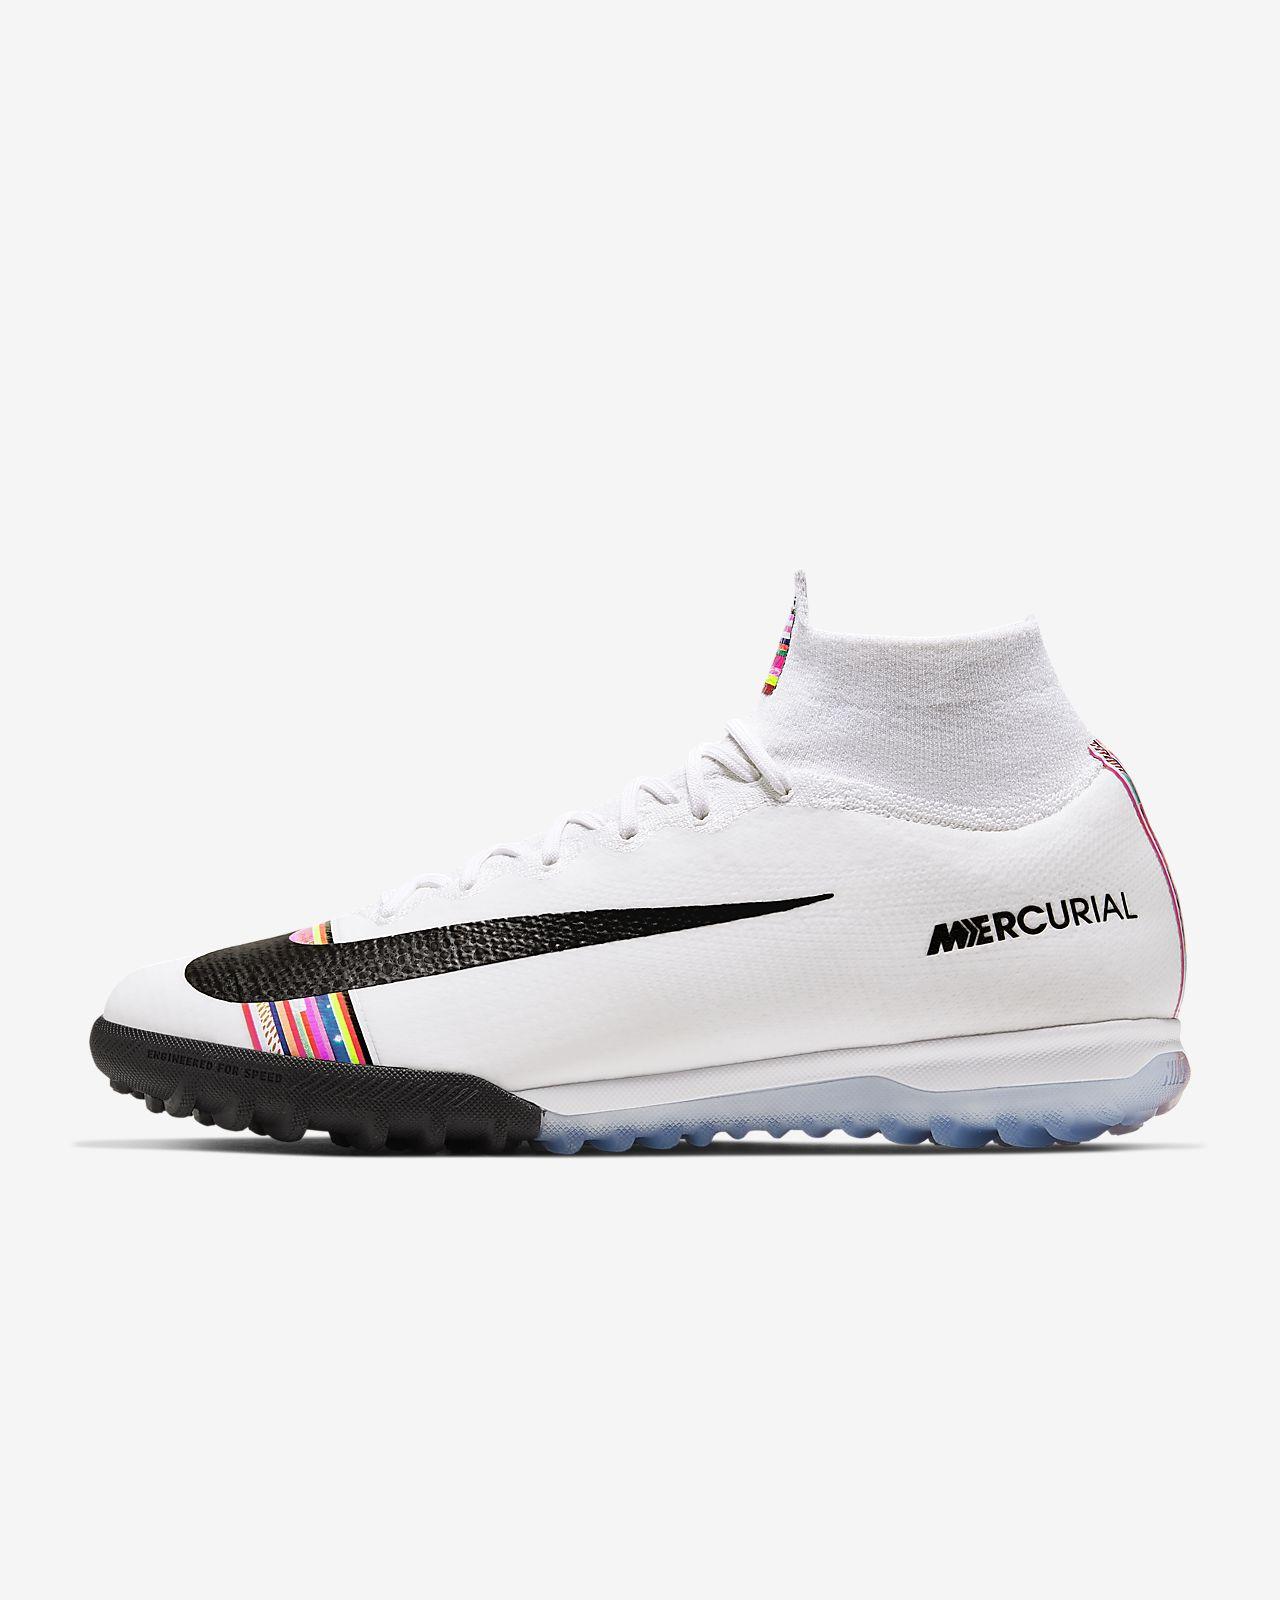 c9dbcd64f Nike SuperflyX 6 Elite LVL UP TF Turf Football Shoe. Nike.com AE